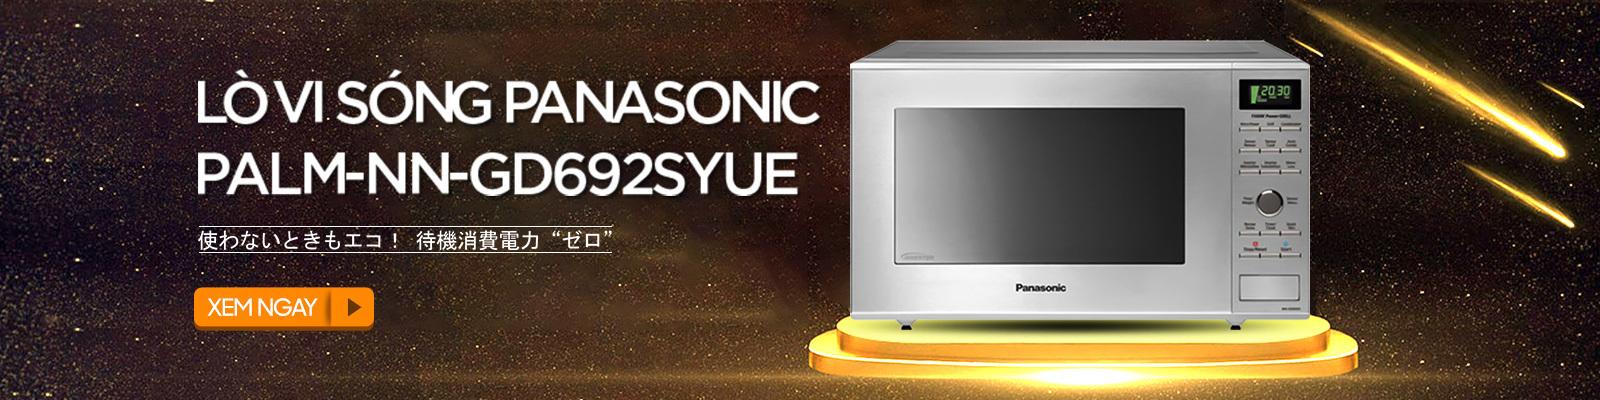 Lò vi sóng Panasonic PALM-NN-GD692SYUE 31 lít